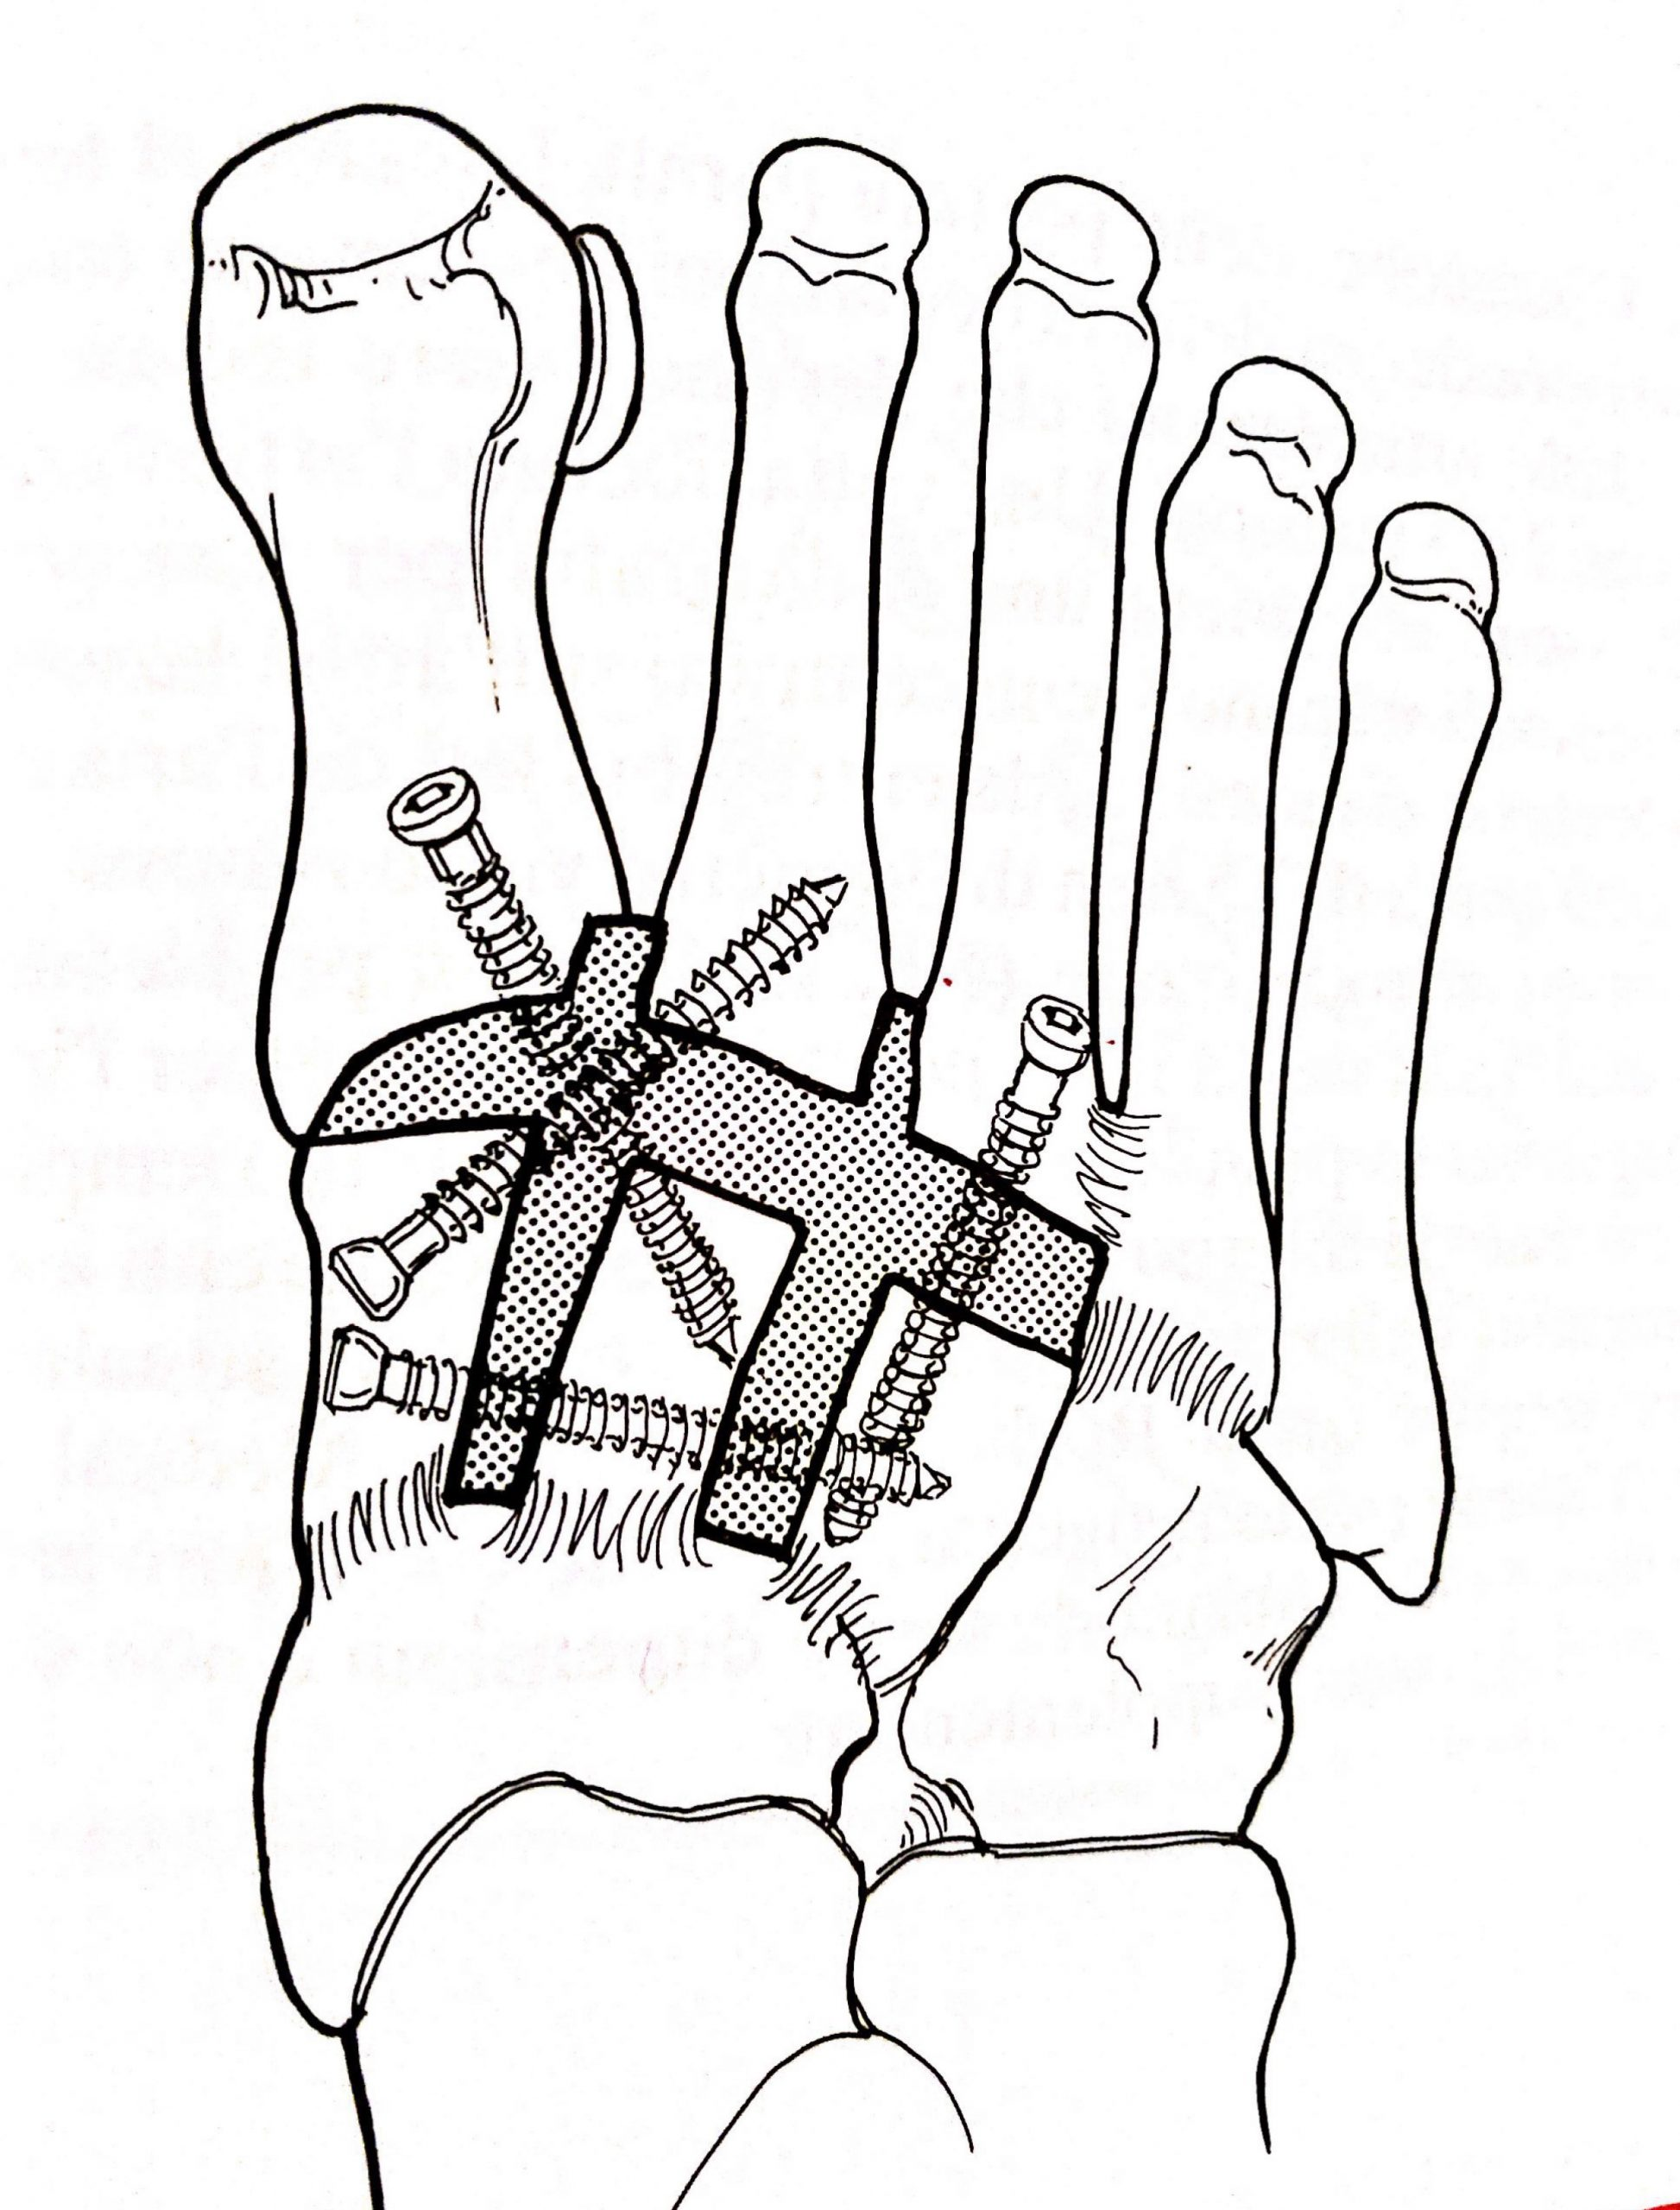 frattura del piede lesione del tarso bassa energia